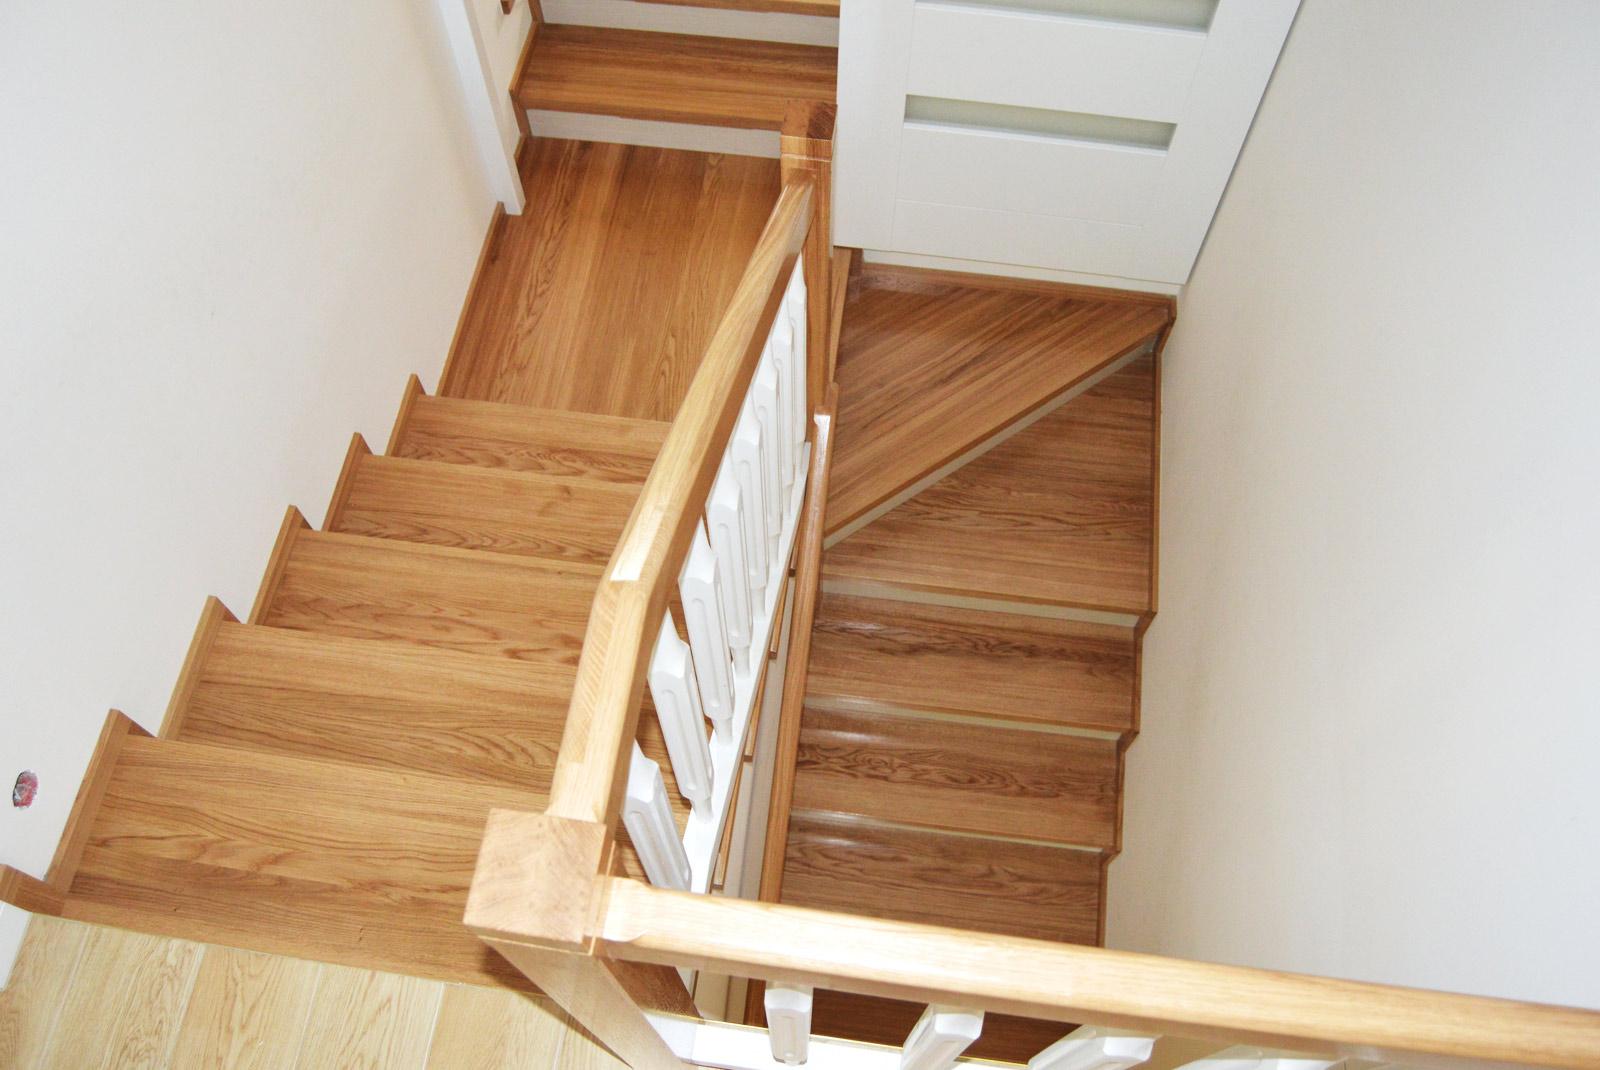 schody slajd 02